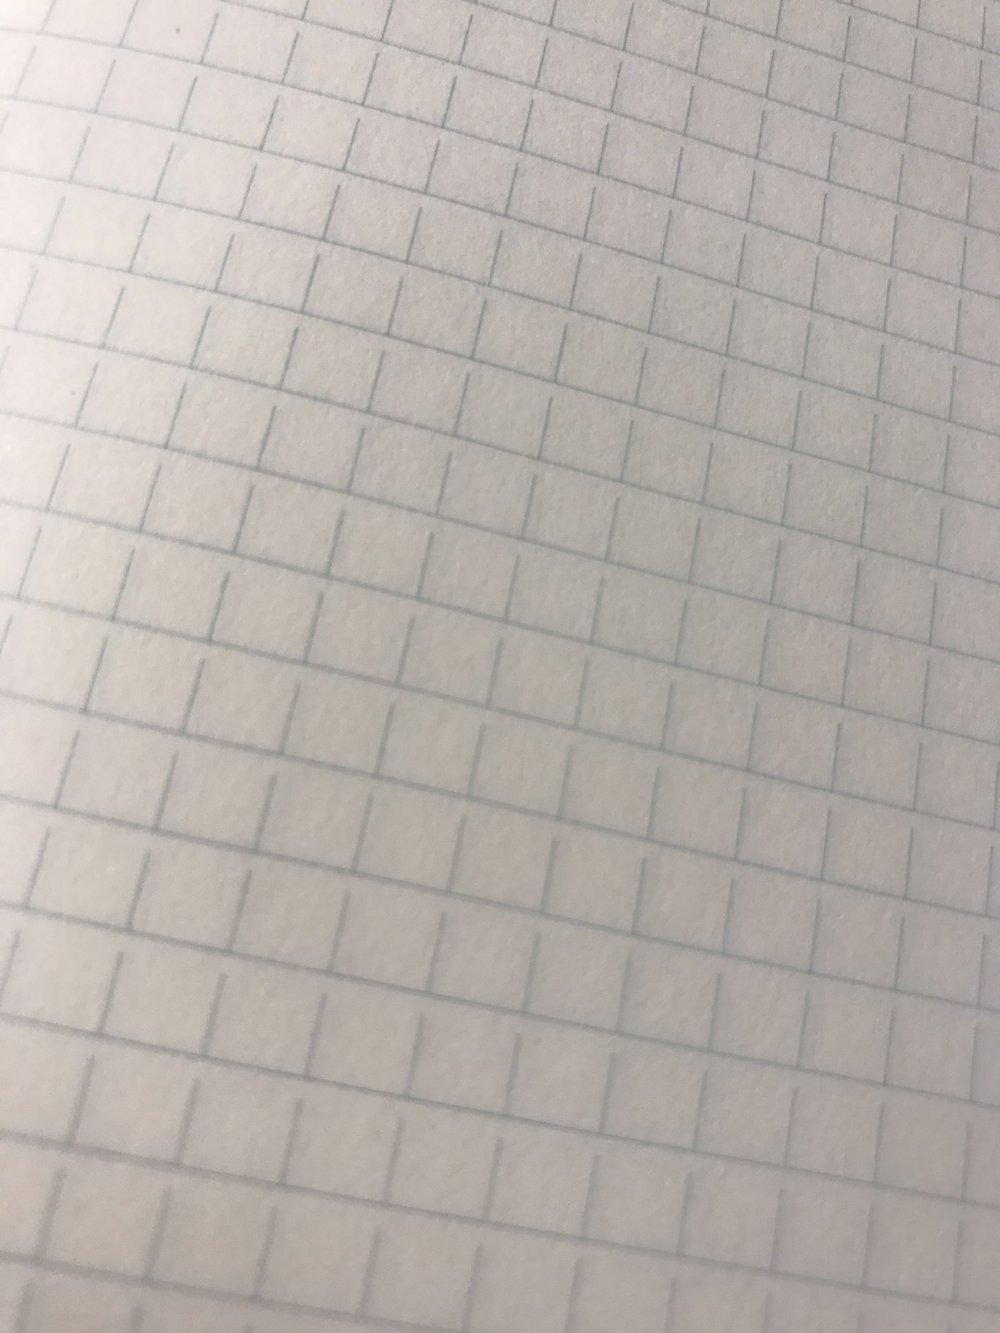 six notebooks compared  leuchtturm1917  rhodia  midori